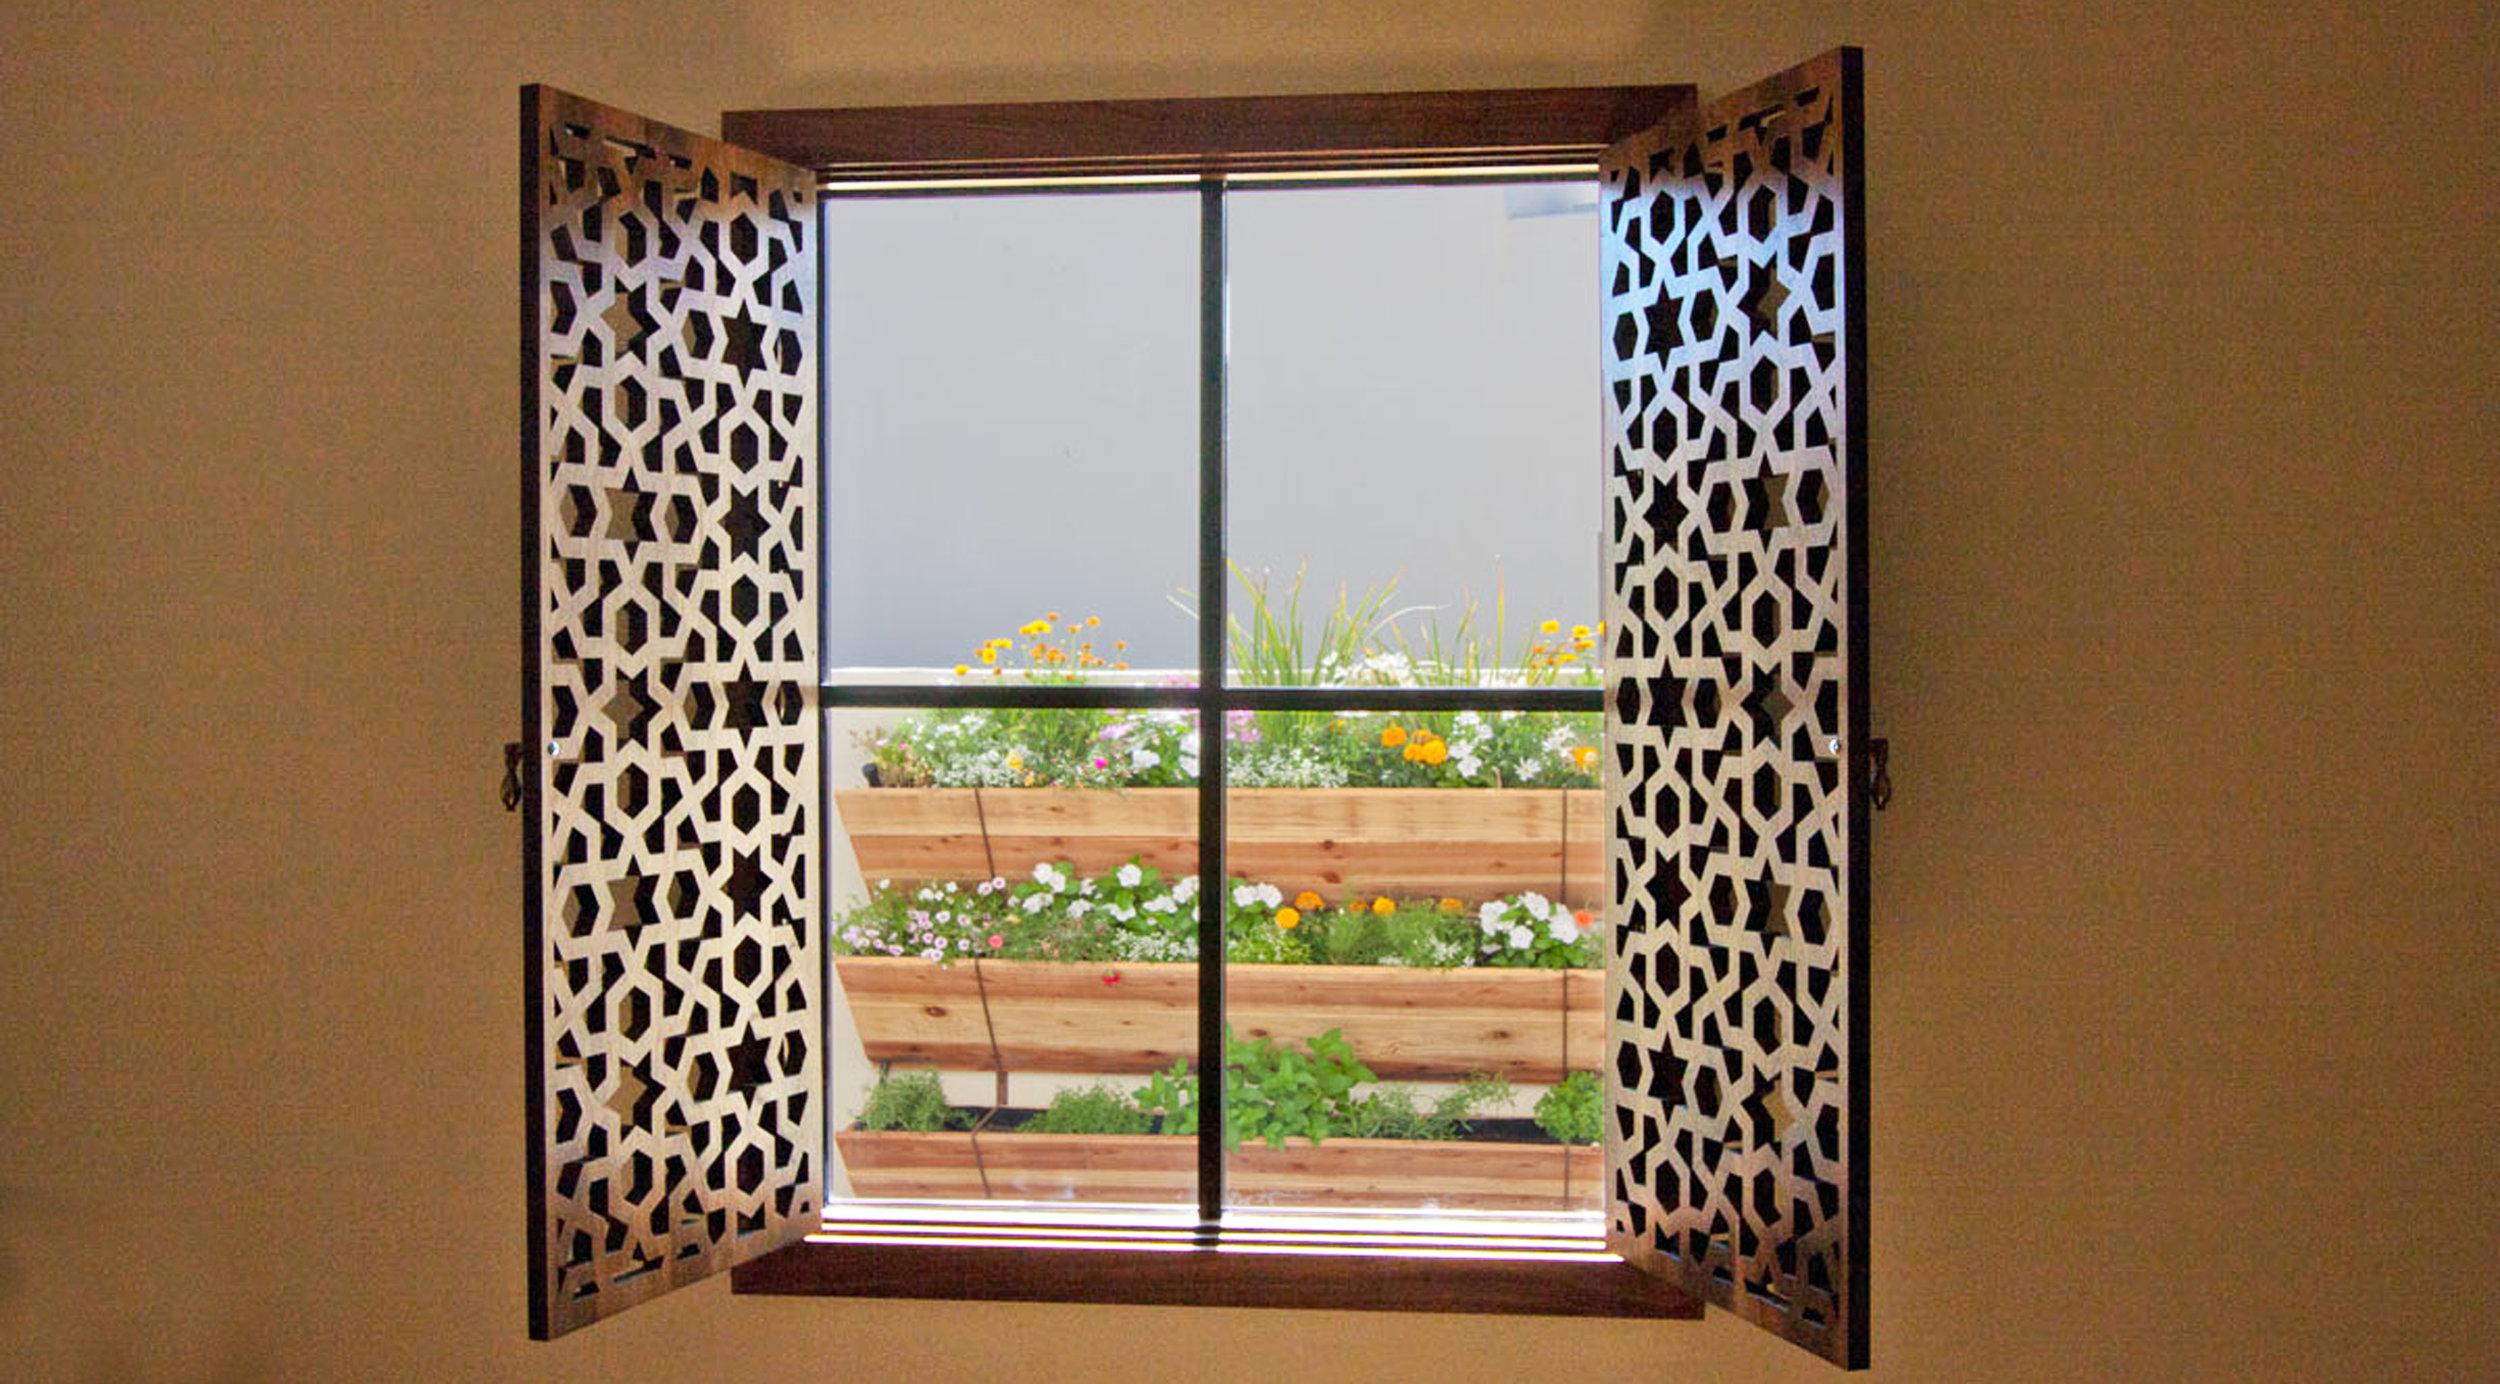 Phoenix, AZ - TF Quality Woodworking  Arabic Geometric, Stained window shutters